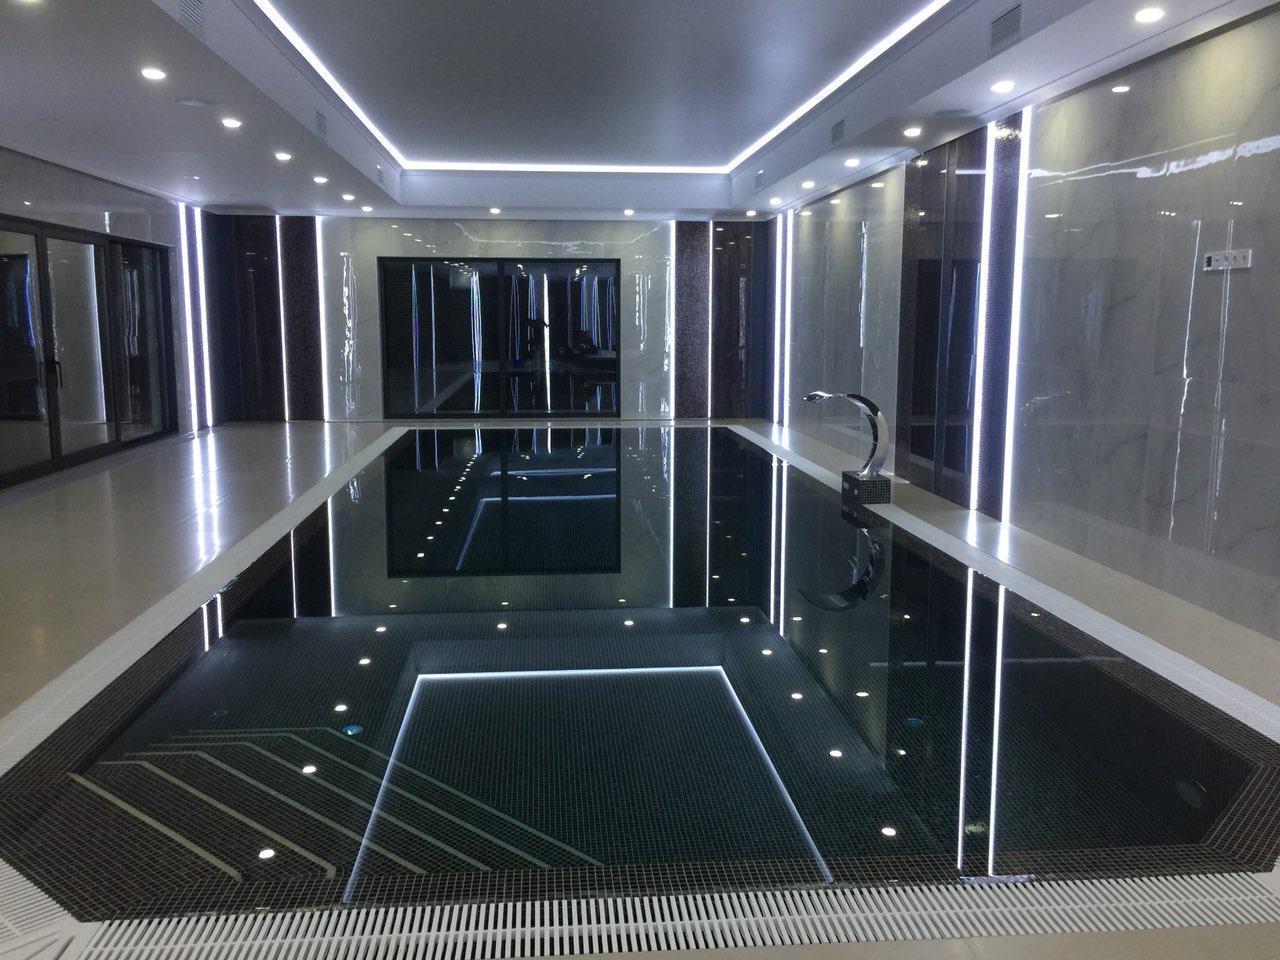 Полипропиленовый бассейн от производителя - 20,0 x 4,0 x 1,5 м ПОД КЛЮЧ!